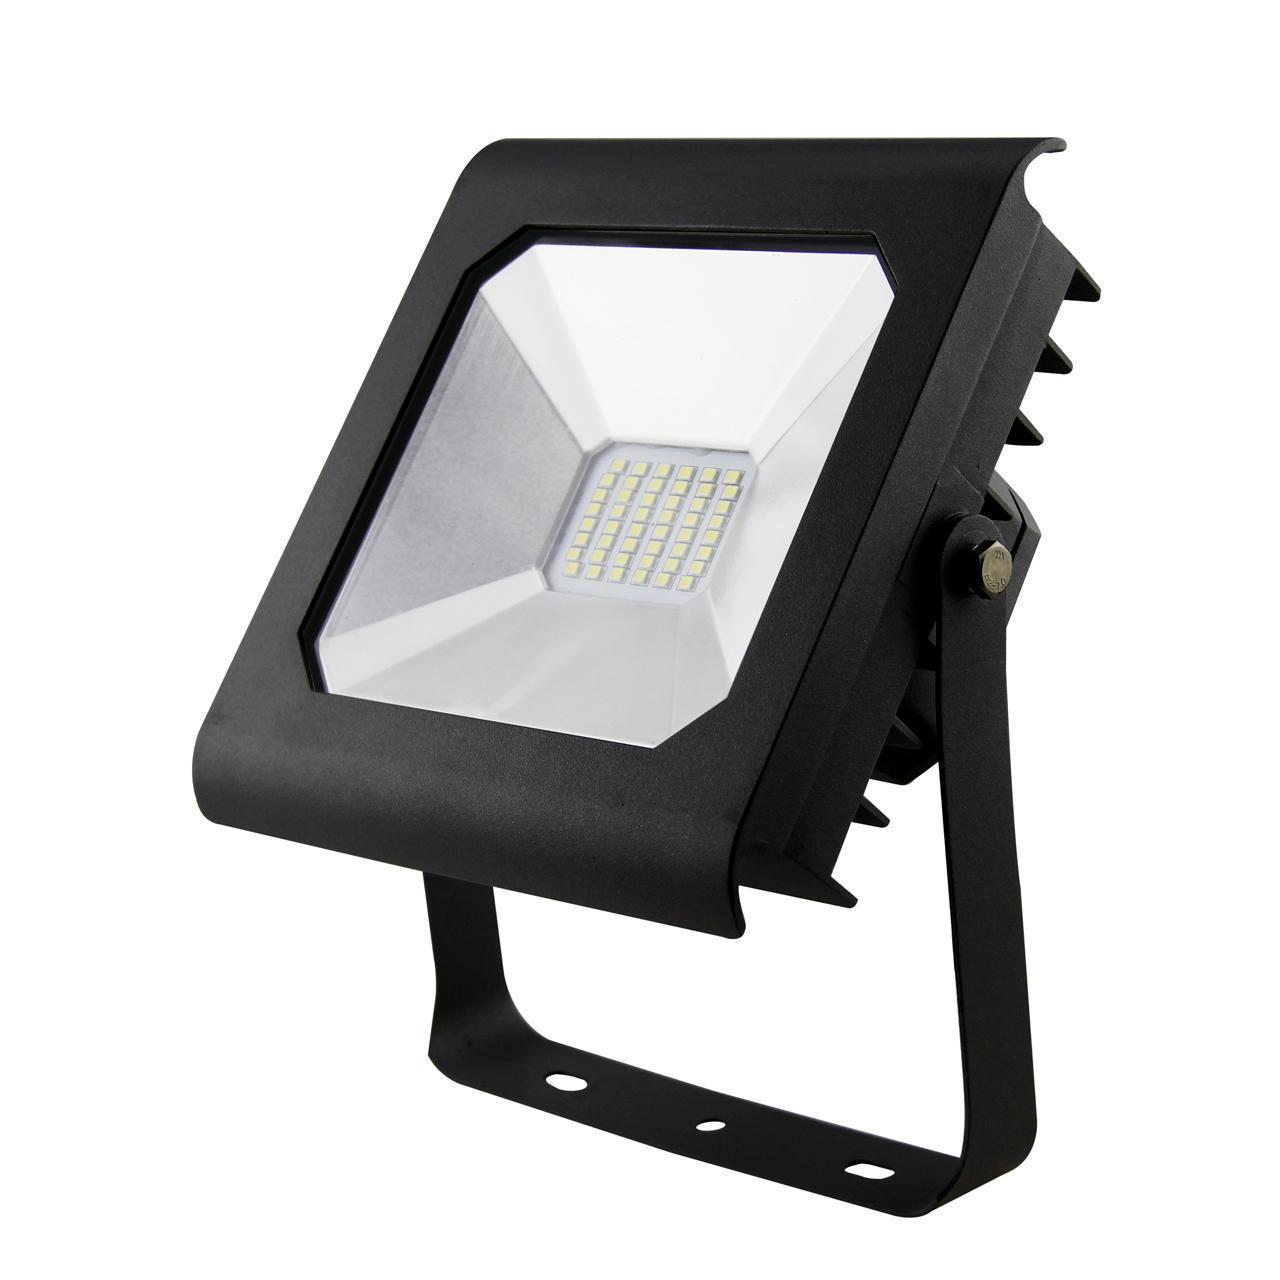 Прожектор Эра LPR-30-6500K-M SMD PRO, 30 Вт